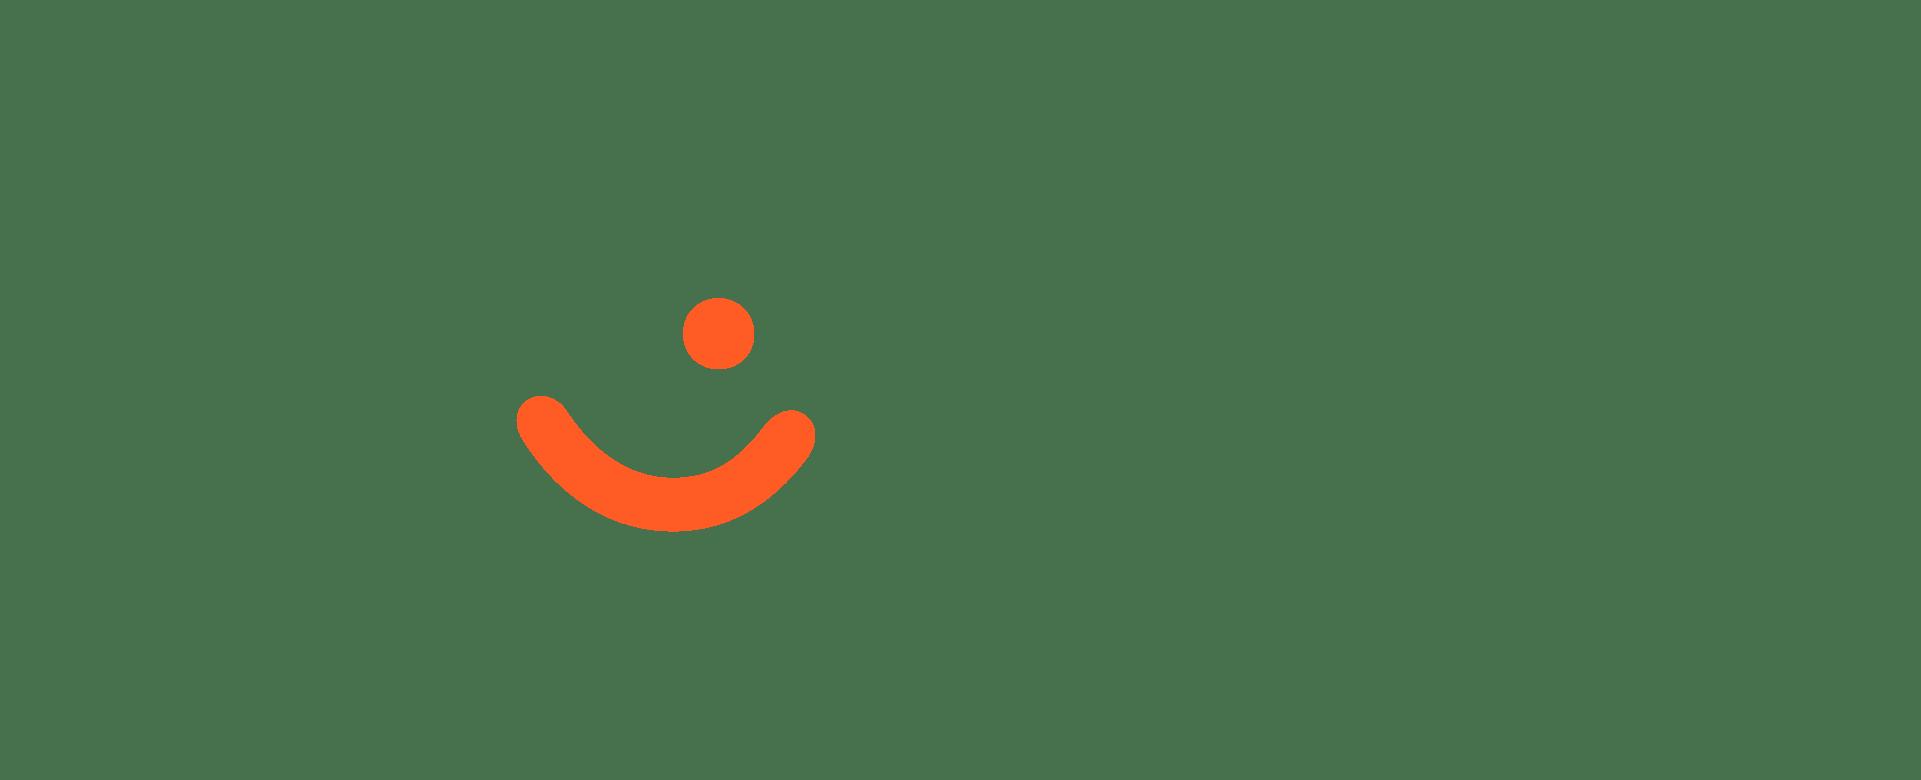 vipps-rgb-kun-emoji-oransje-02.png